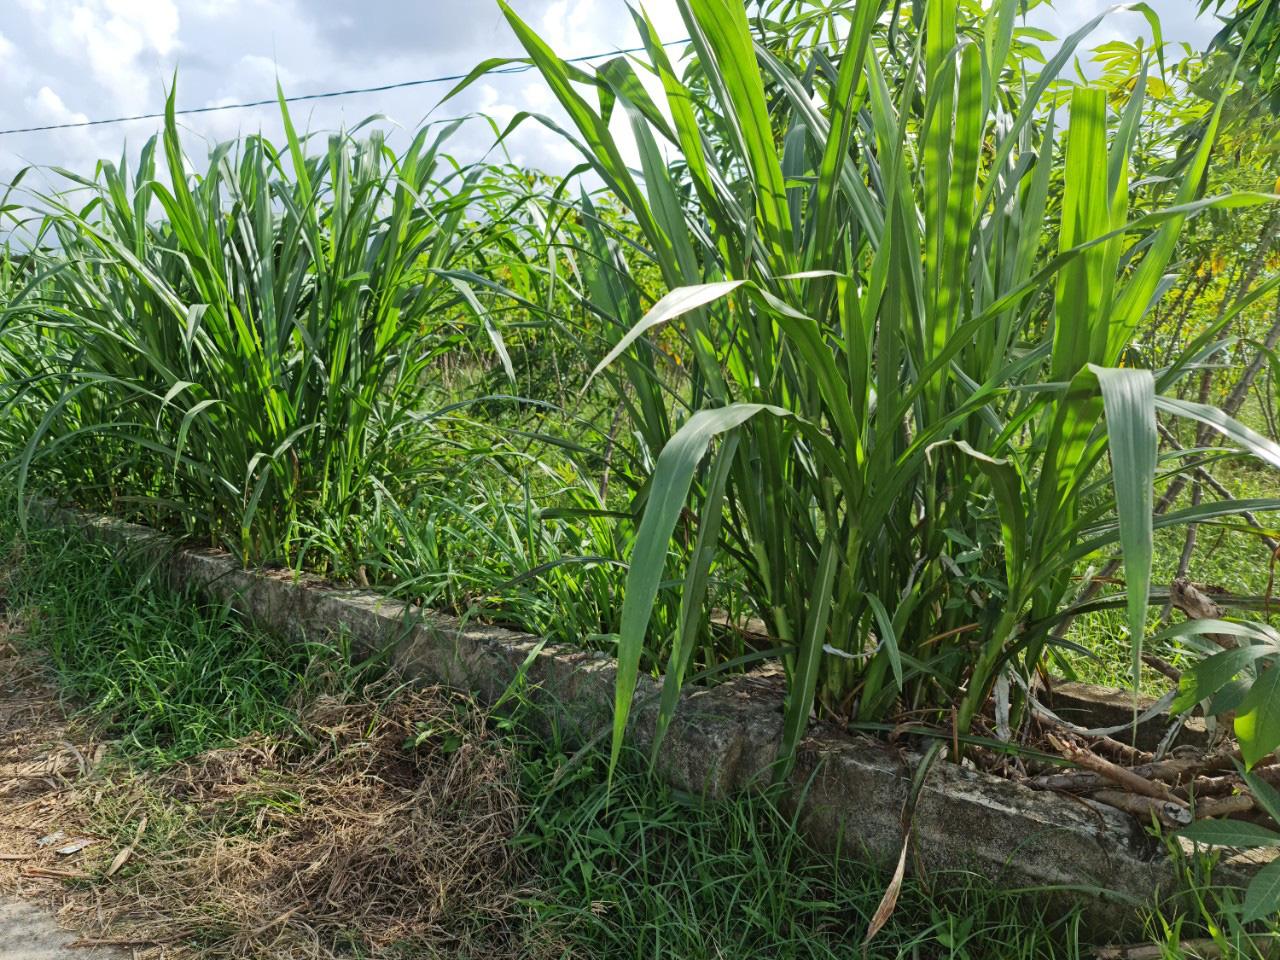 Quảng Nam: Kênh thủy lợi hàng trăm triệu đồng chỉ để chứa rác, trồng cỏ cho bò - Ảnh 6.